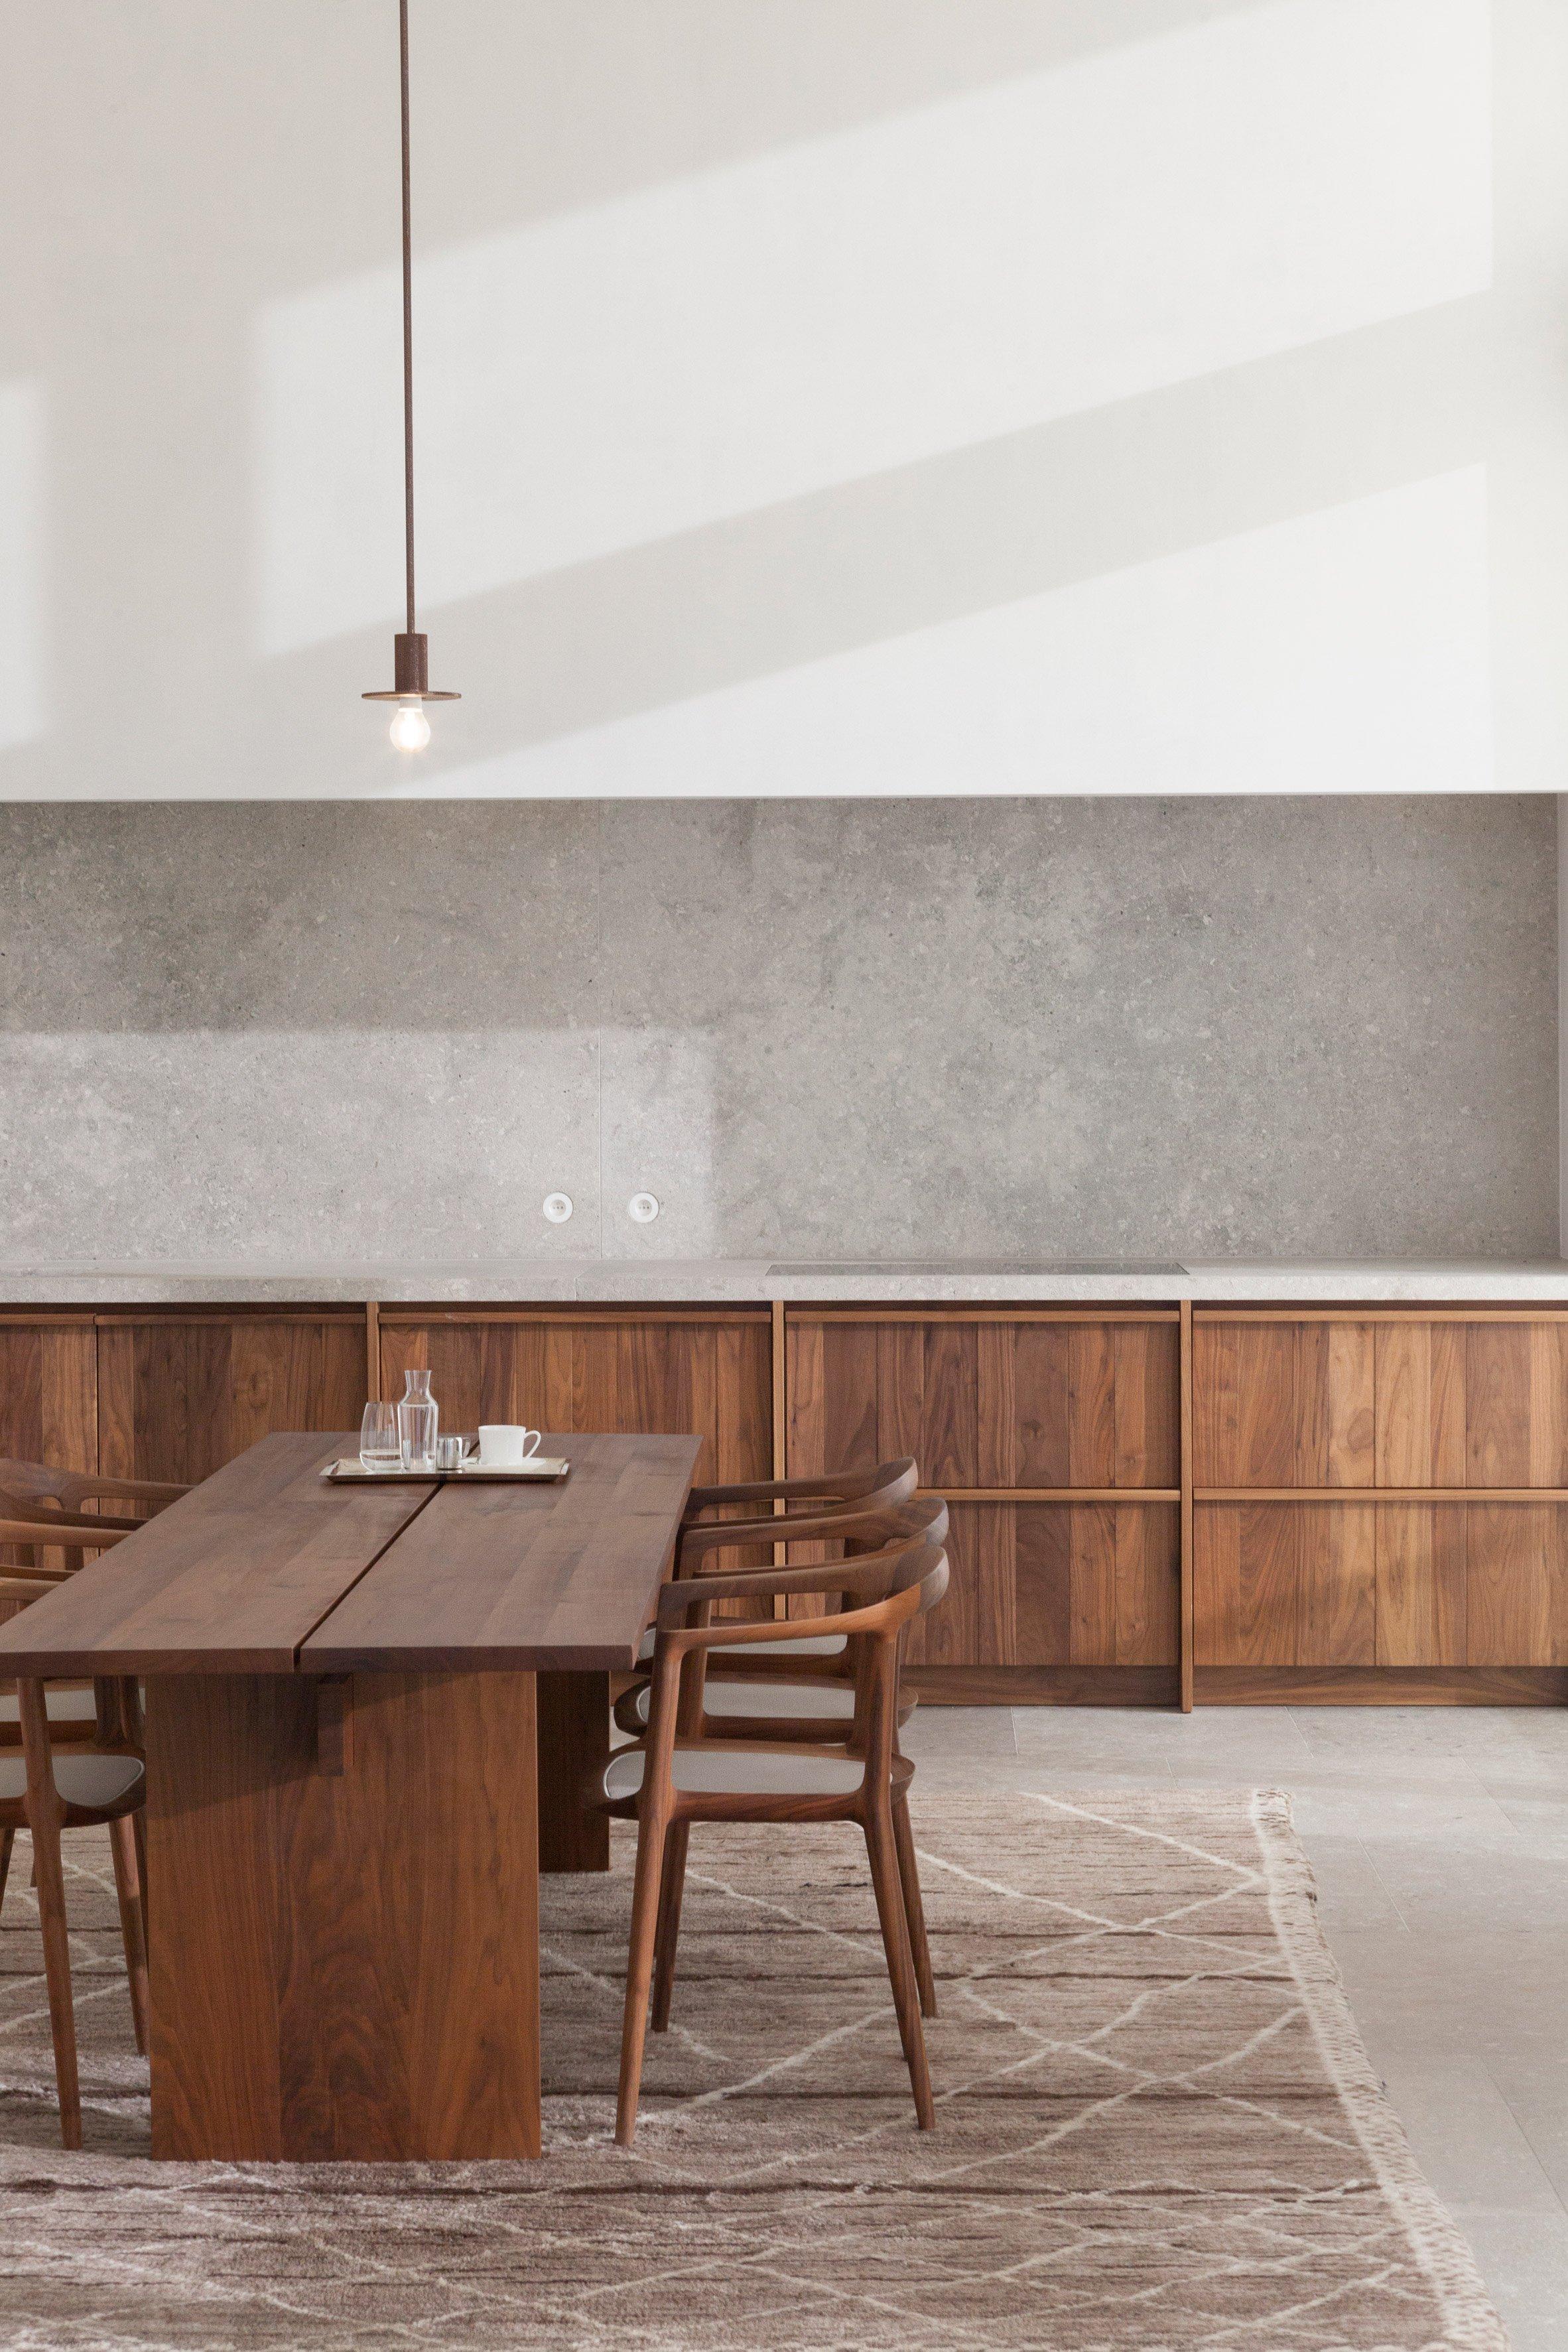 penthouse-westkaai-hans-verstuyft-architecten-interiors-antwerp-belgium_dezeen_2364_col_13.jpg